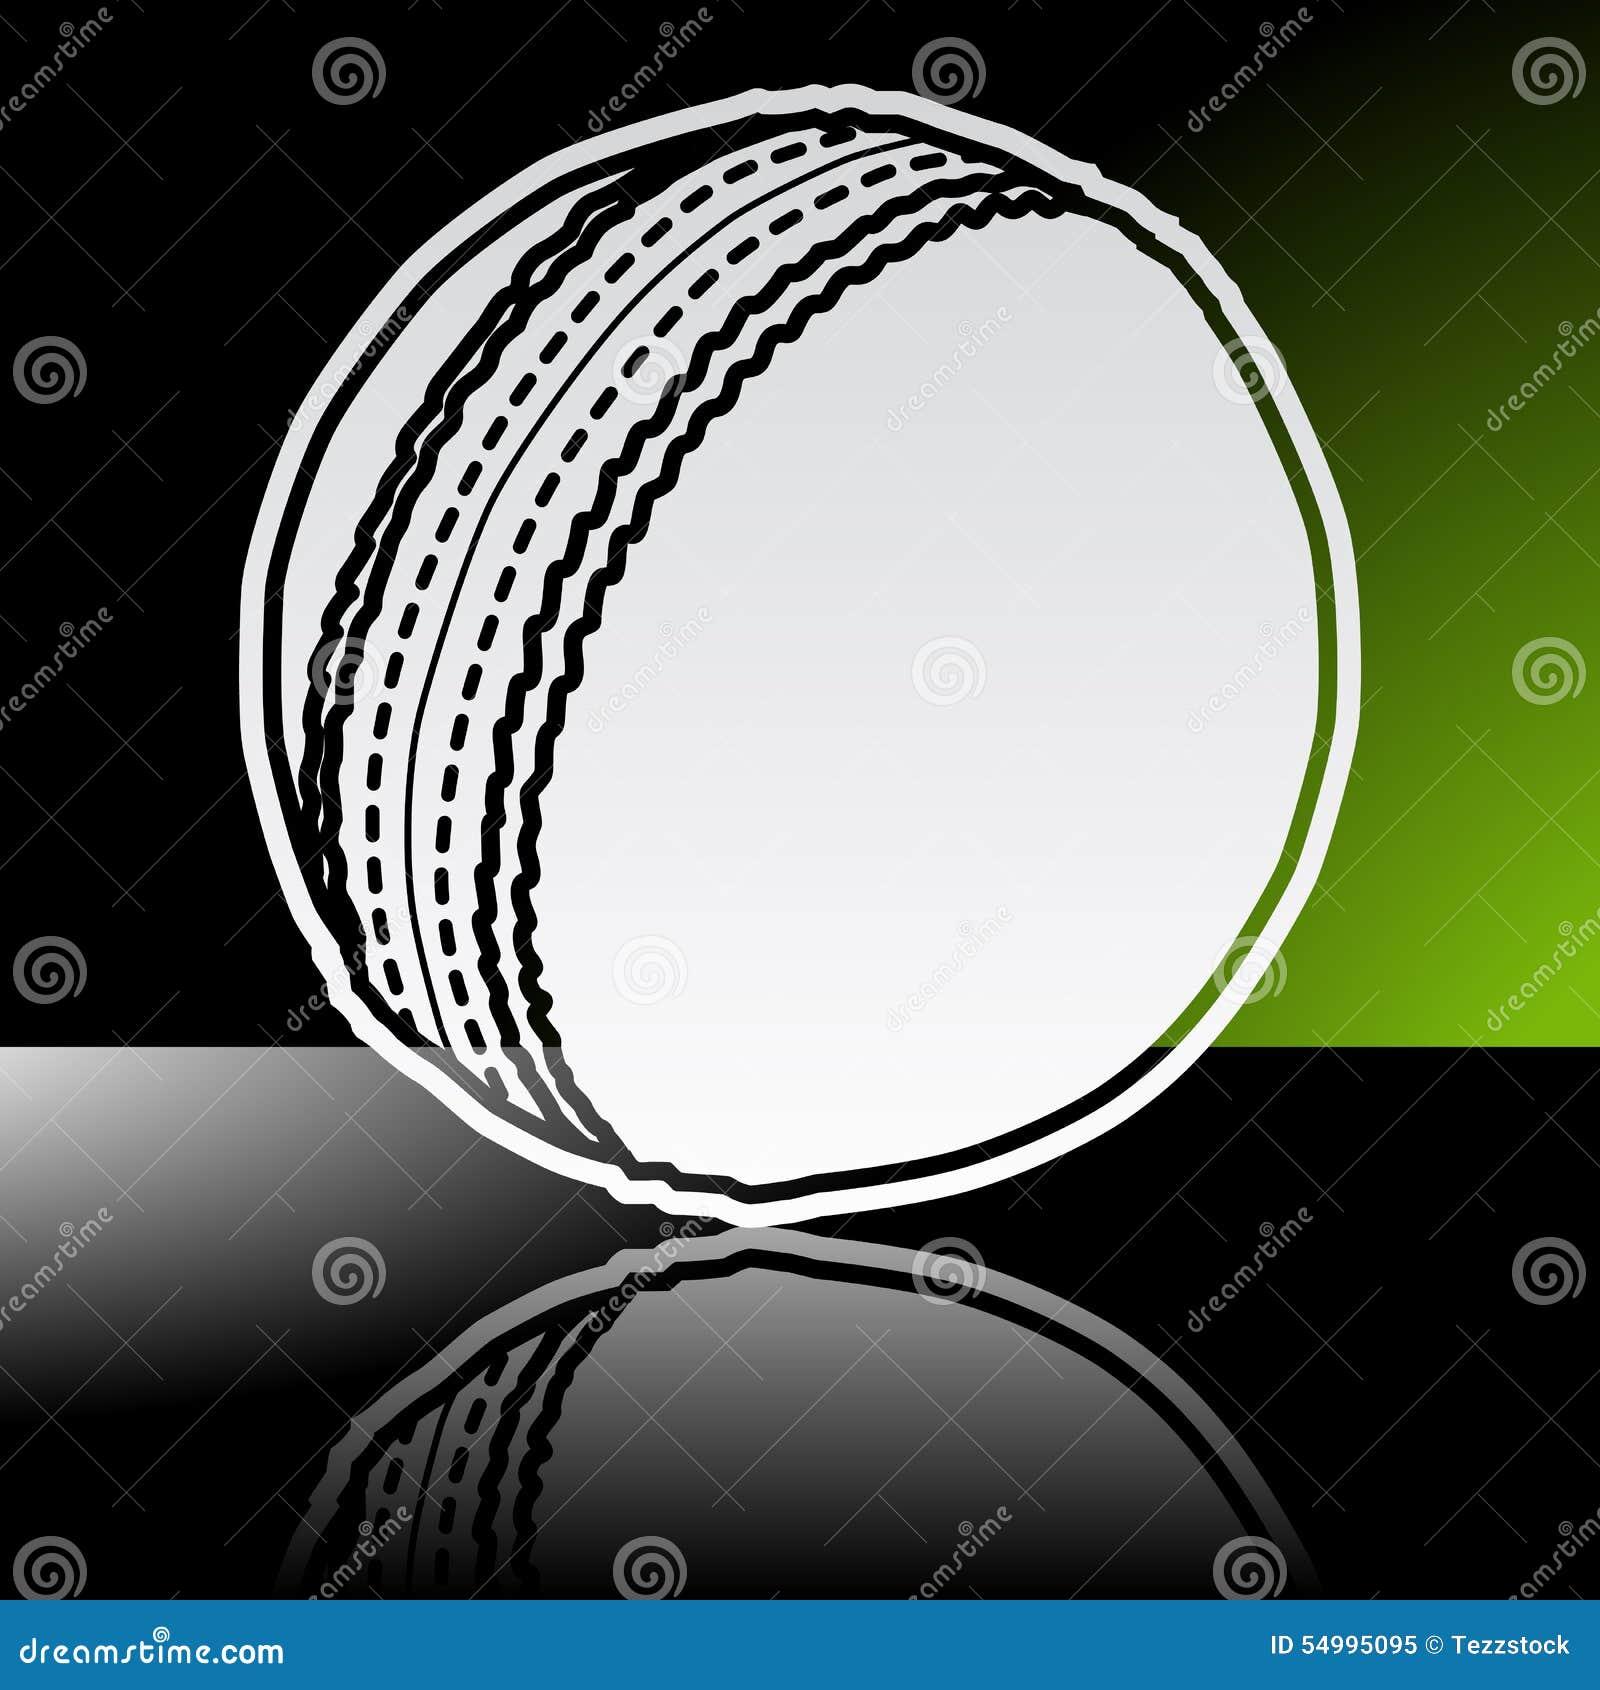 Cricket floodlit